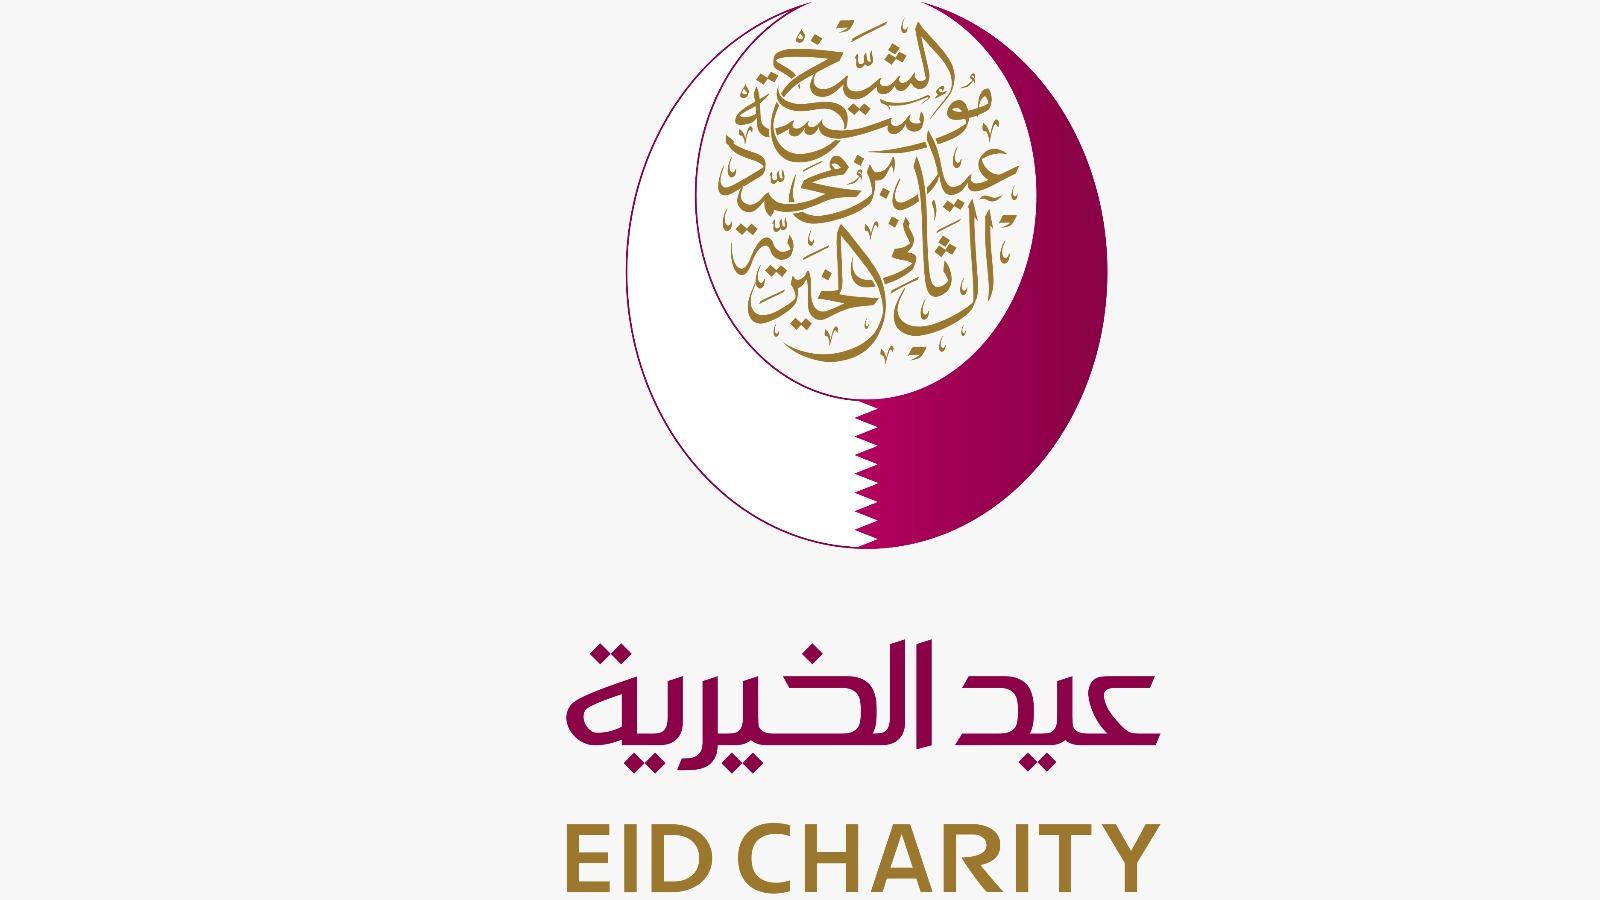 """Résultat de recherche d'images pour """"eid charity"""""""